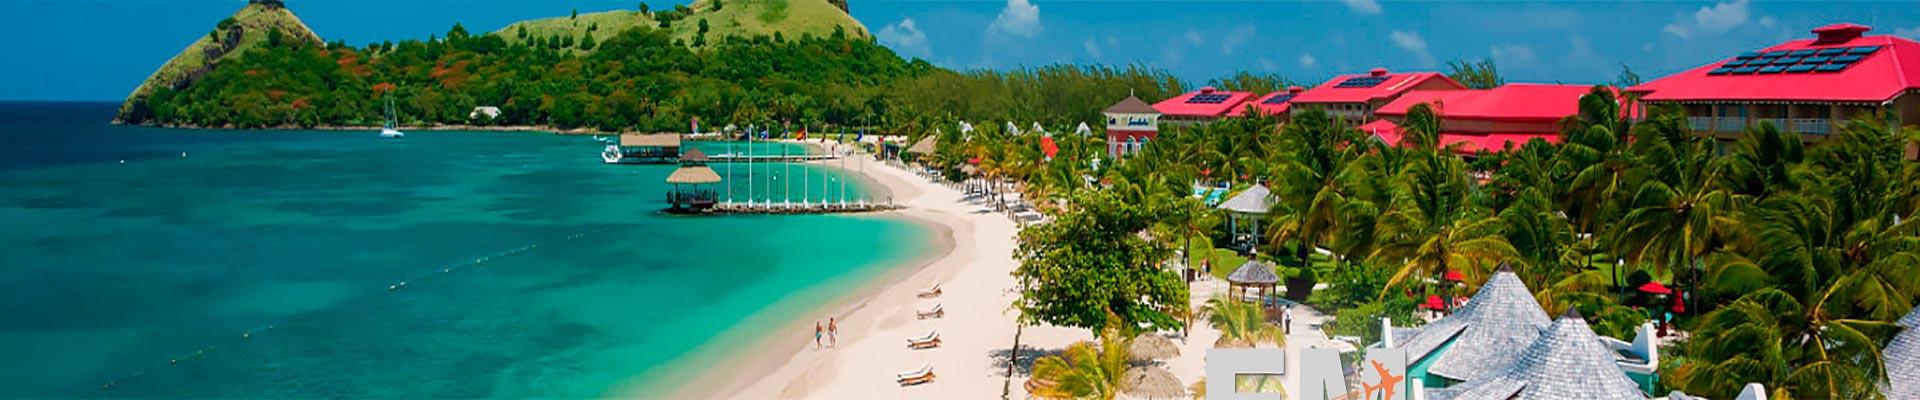 Lua de mel na Jamaica – Sandals Negril